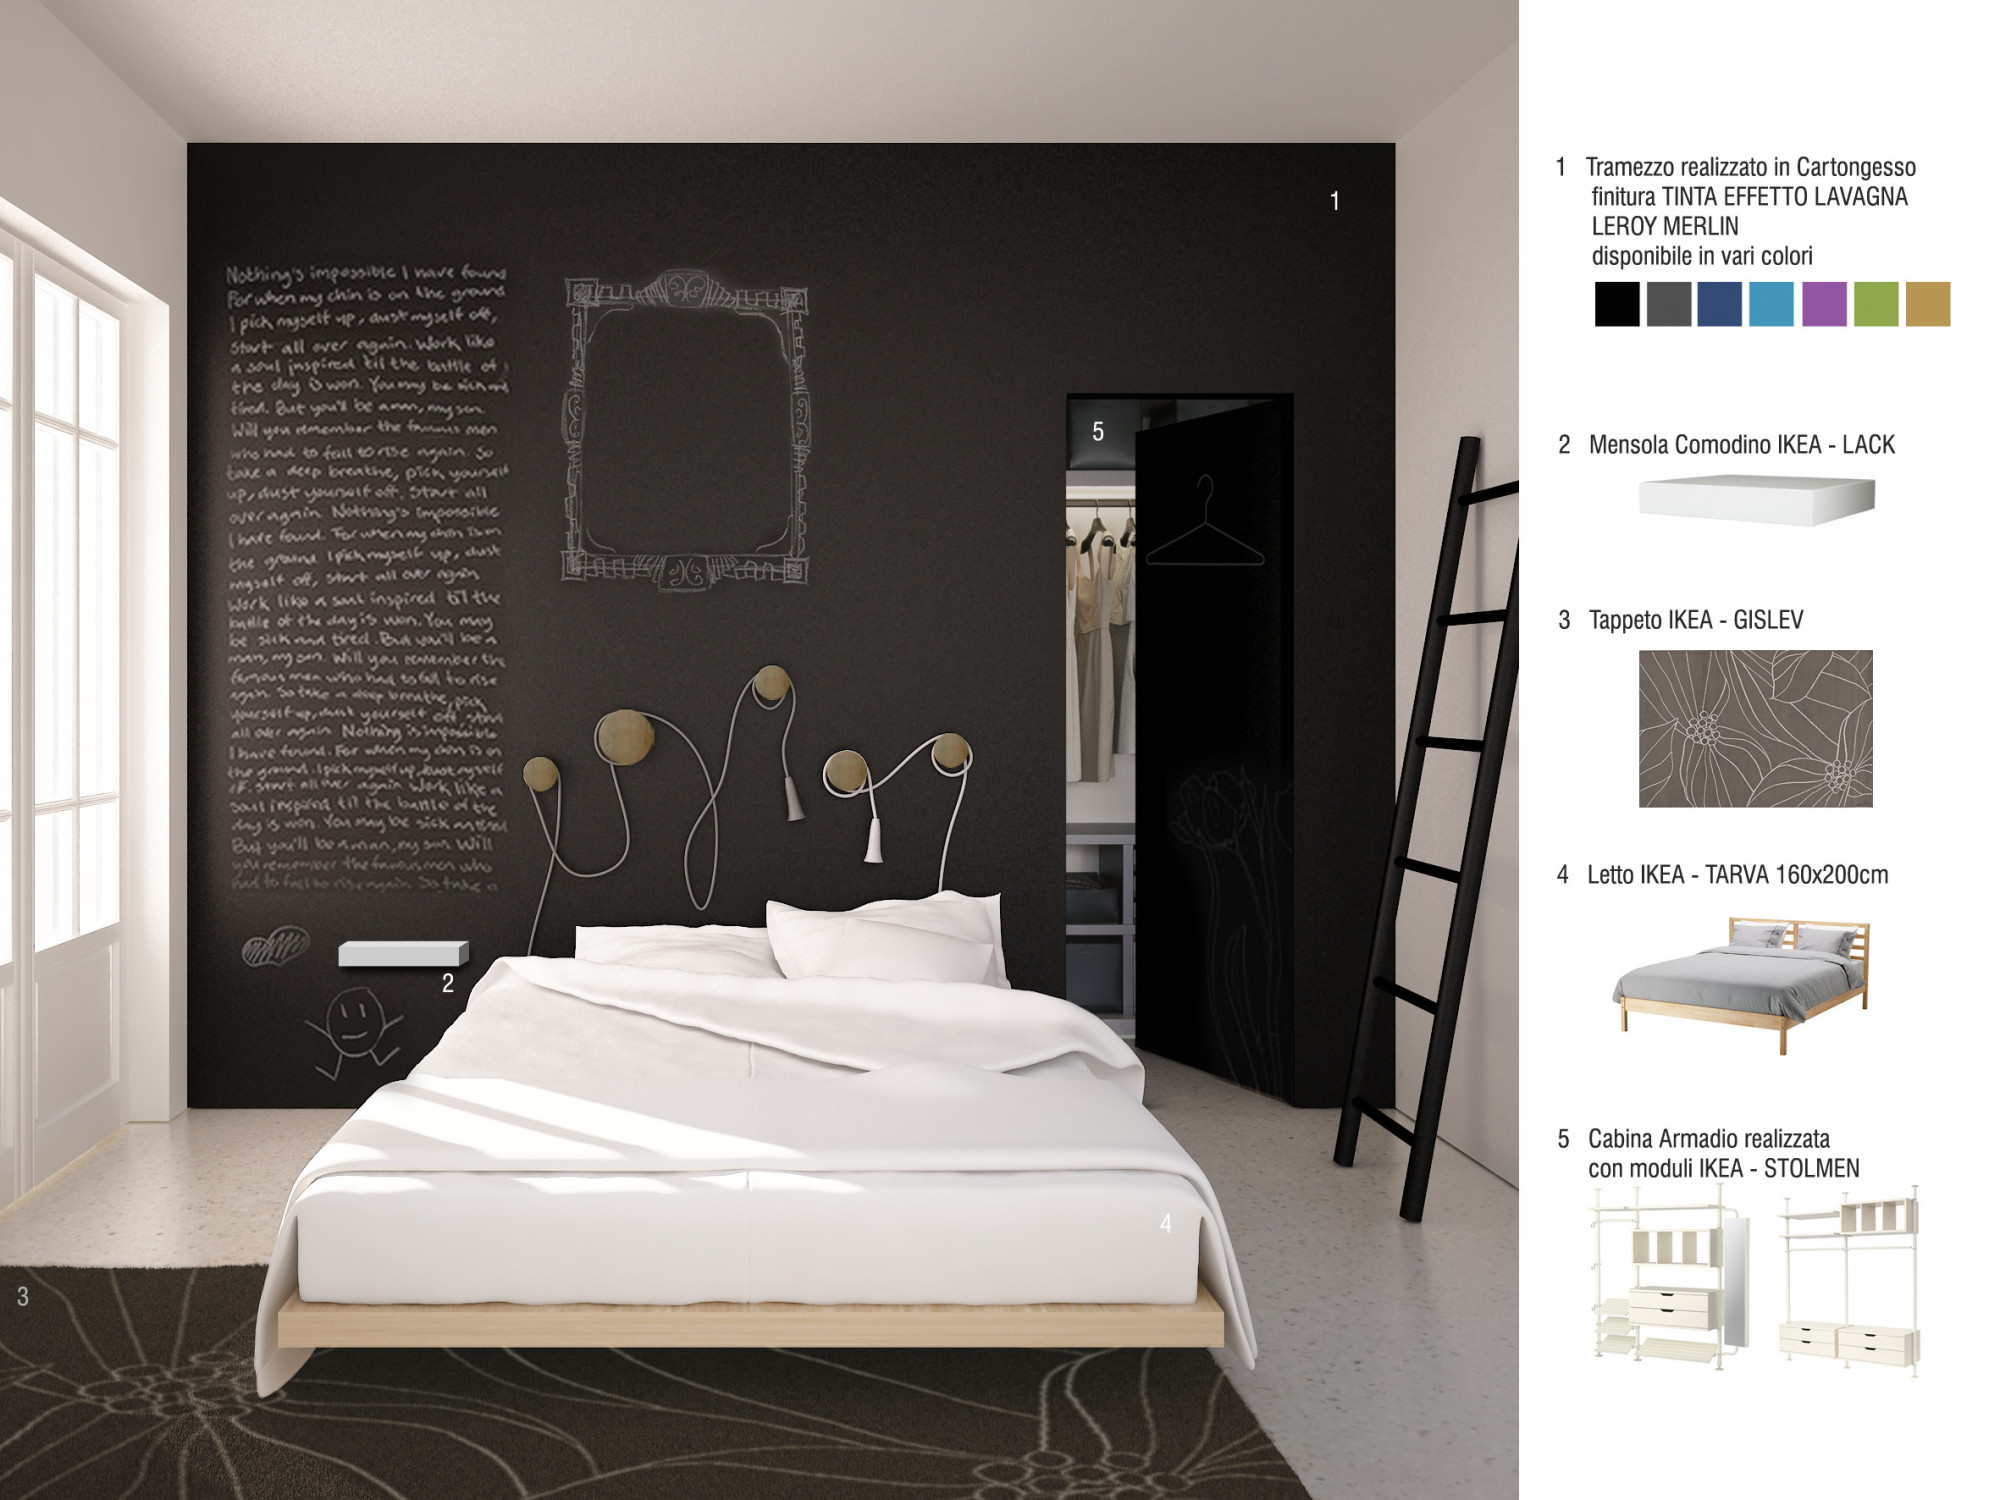 Cartongesso Armadio A Muro Ikea.10 Modi Per Realizzare Una Cabina Armadio Low Cost Fotogallery